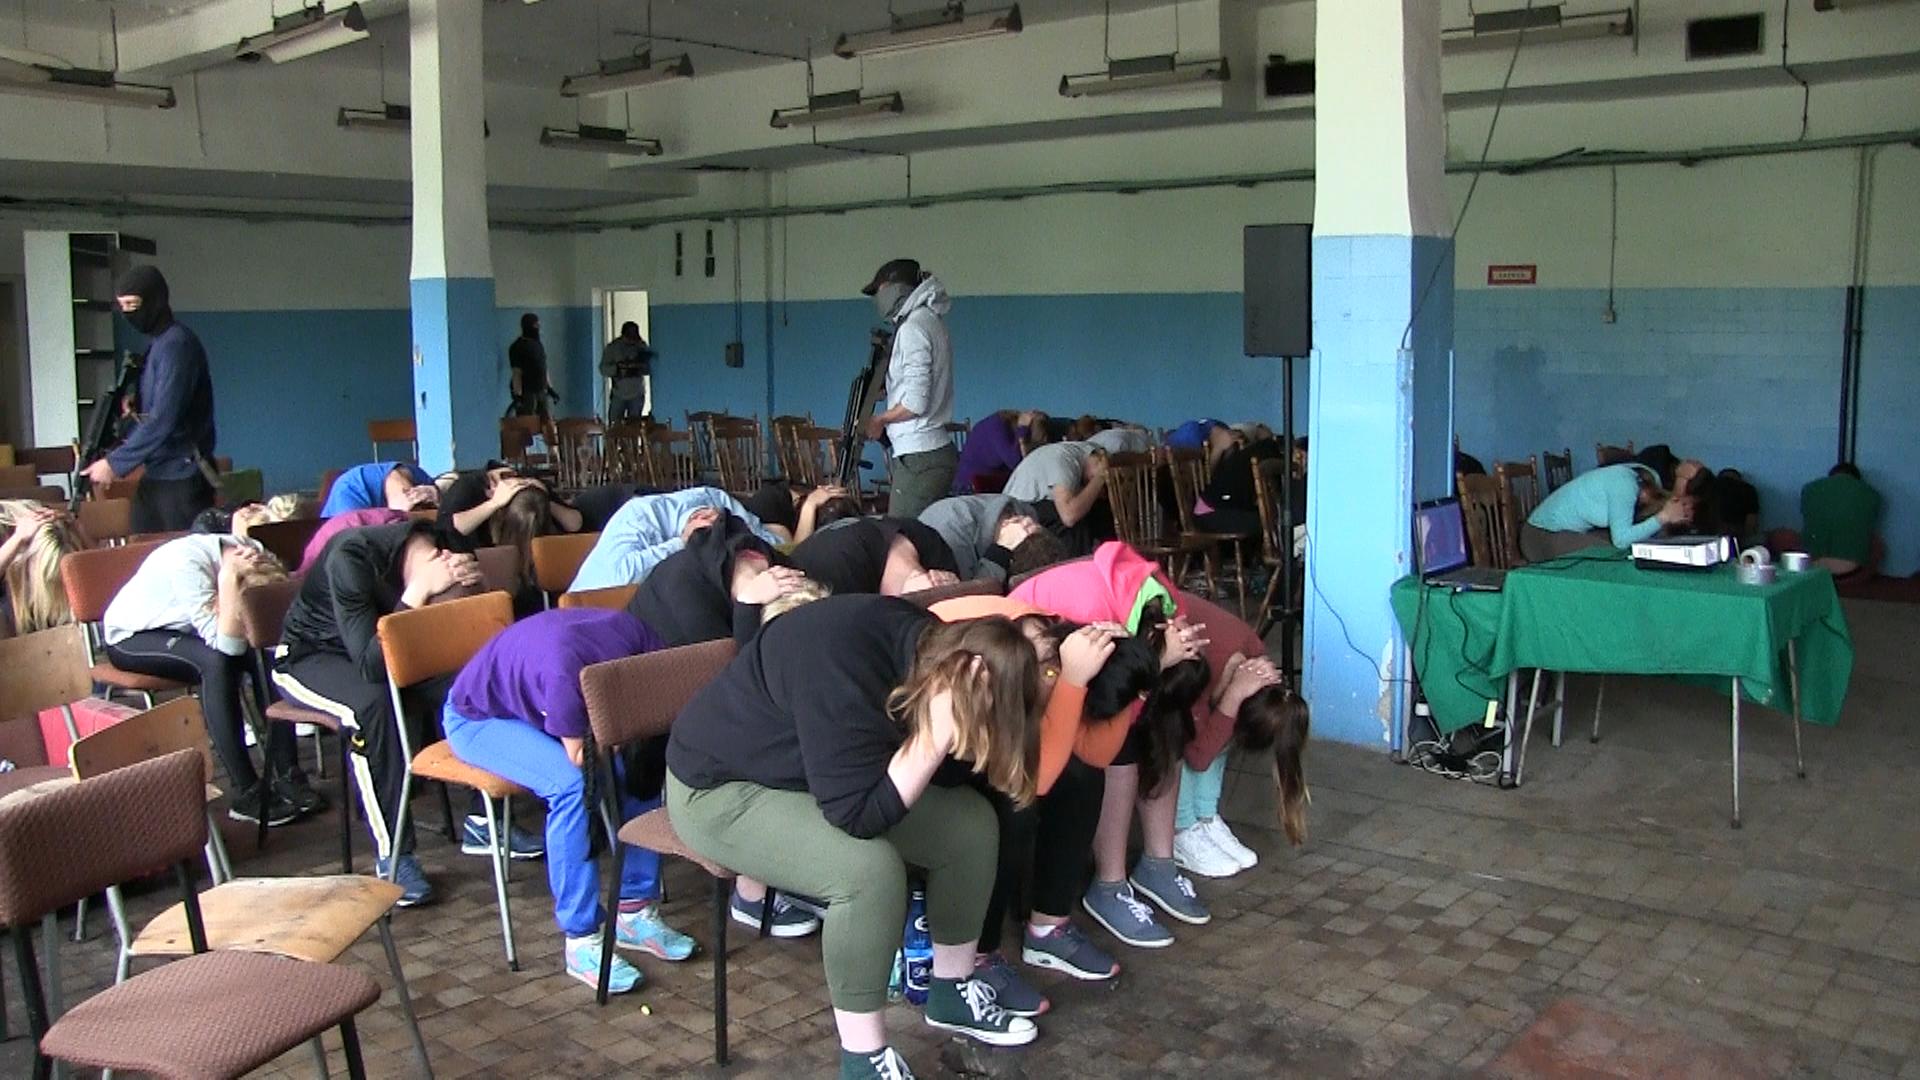 Zdjęcie przedstawia terrorystów wbudynku szkoły. Duża sala szkolna zkrzesłami ułożonymi wrzędach. Na krzesłach siedzą uczniowie. Wszyscy pochyleni do przodu. Ręce splecione nad głową. Czterej terroryści wczarnych kominiarkach chodzą między uczniami. Wrękach trzymają karabiny Wgłębi 2 terrorystów pilnuje wejścia do pomieszczenia zuczniami. Uczniowie są zakładnikami terrorystów.